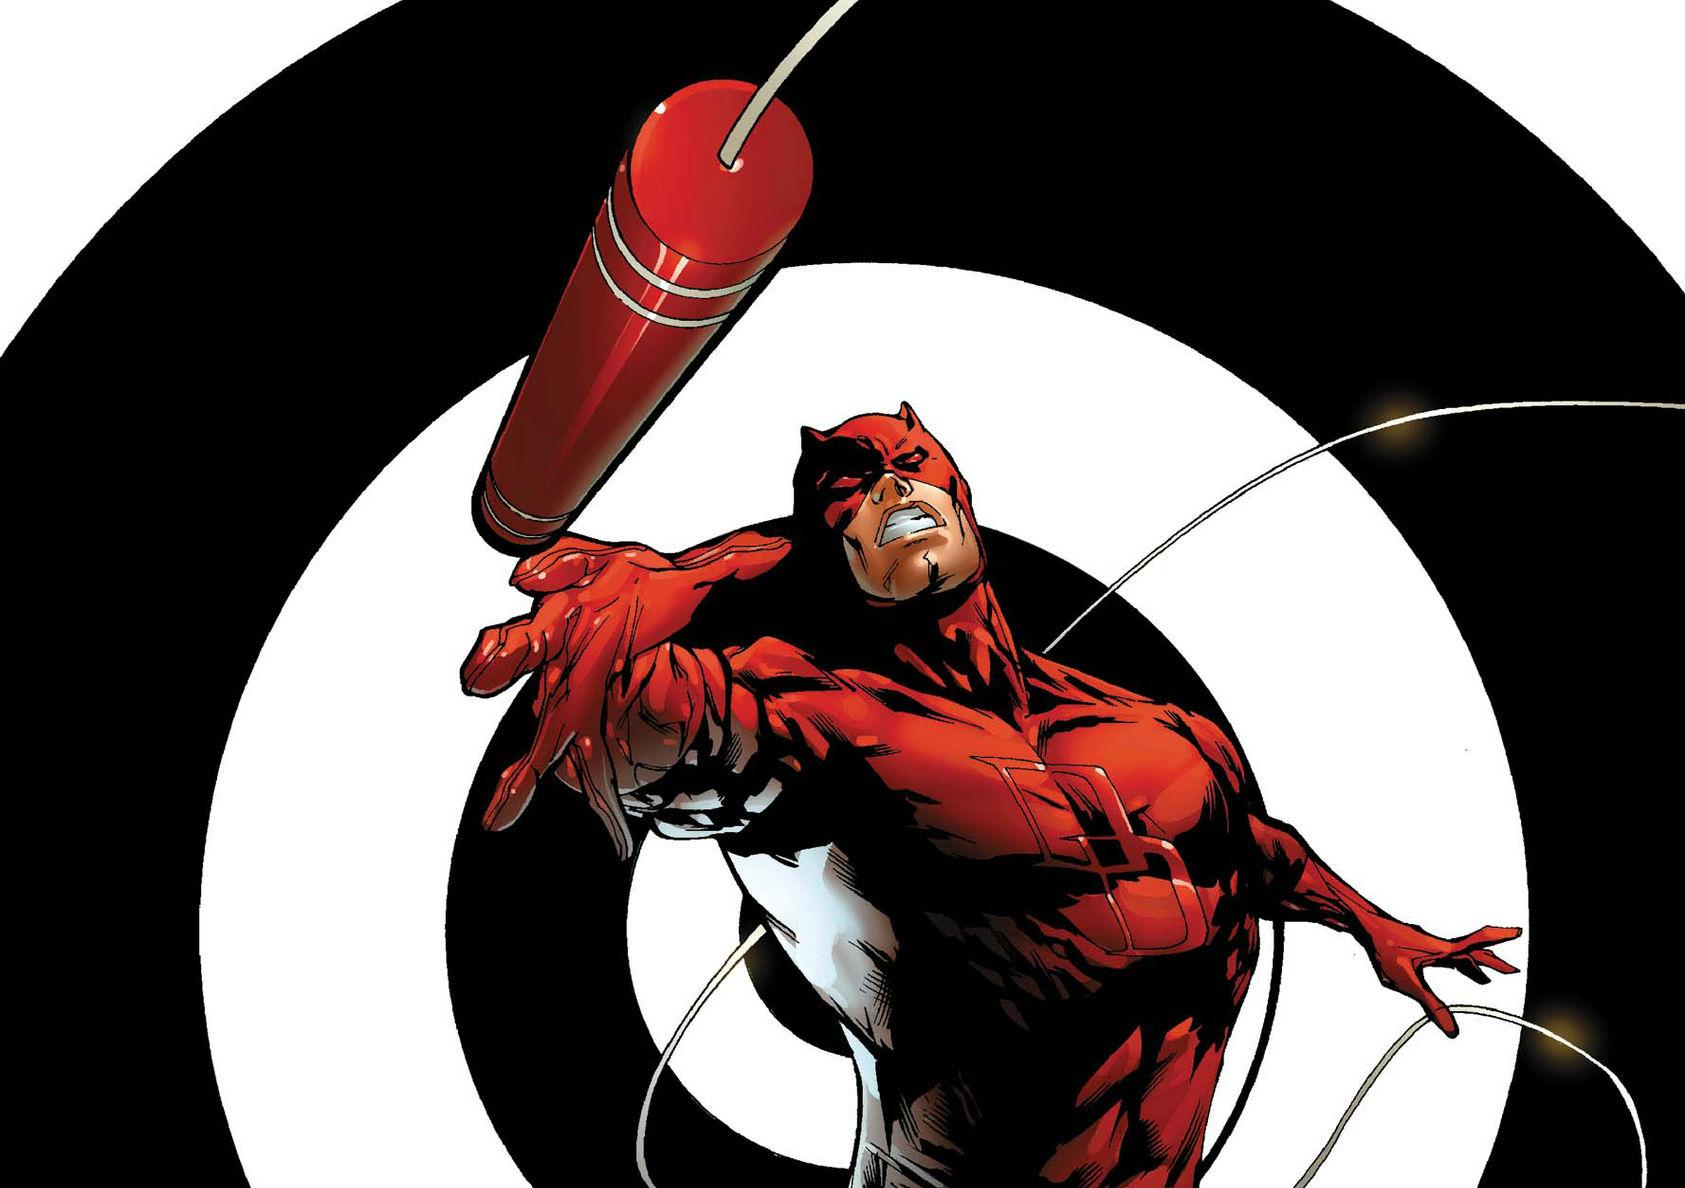 Daredevil Marvel Superhero Ds Wallpaper 1685x1188 138212